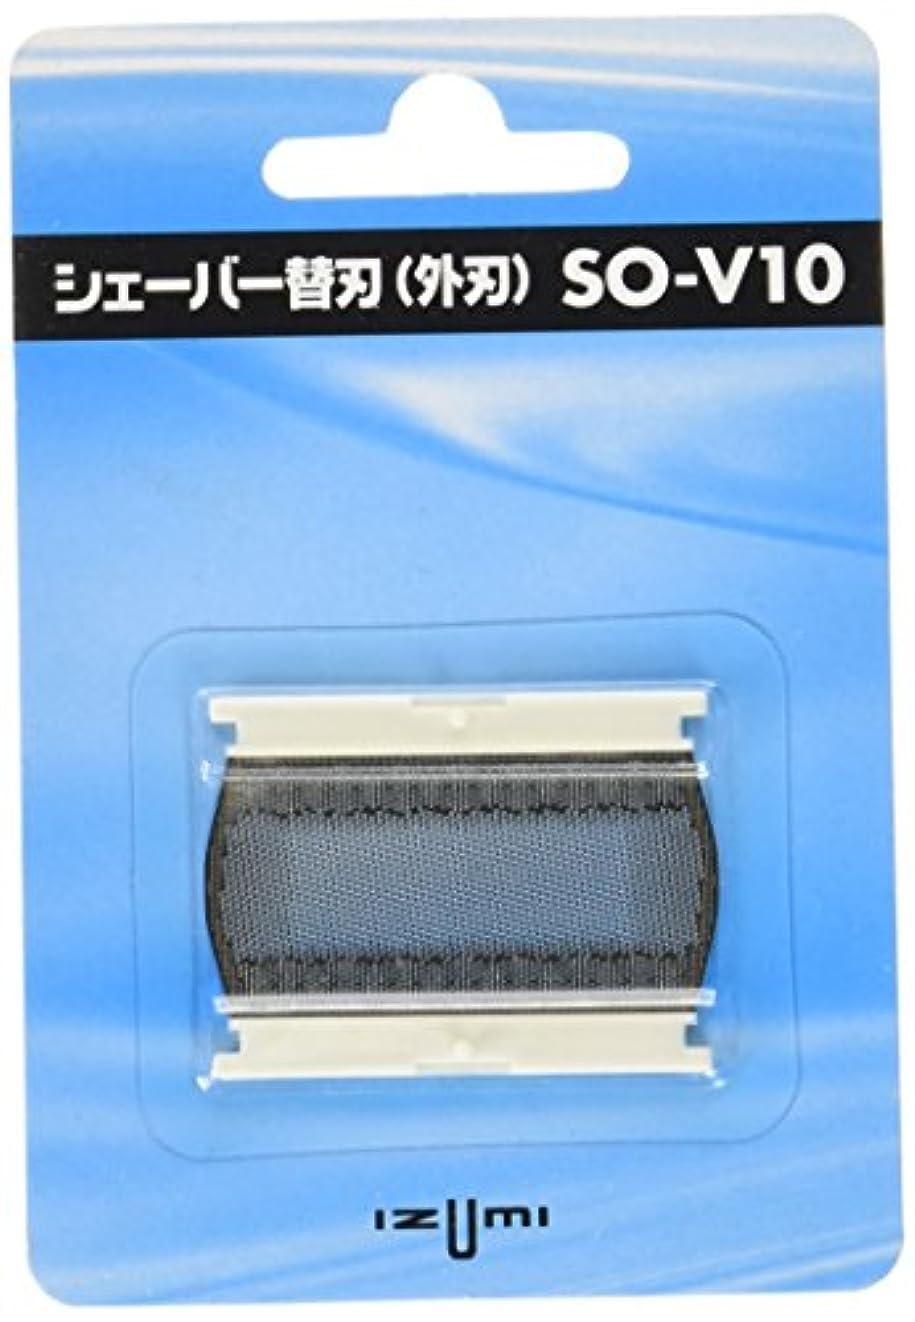 欠伸建てる解凍する、雪解け、霜解けIZUMI シェーバー用替刃(外刃) SO-V10